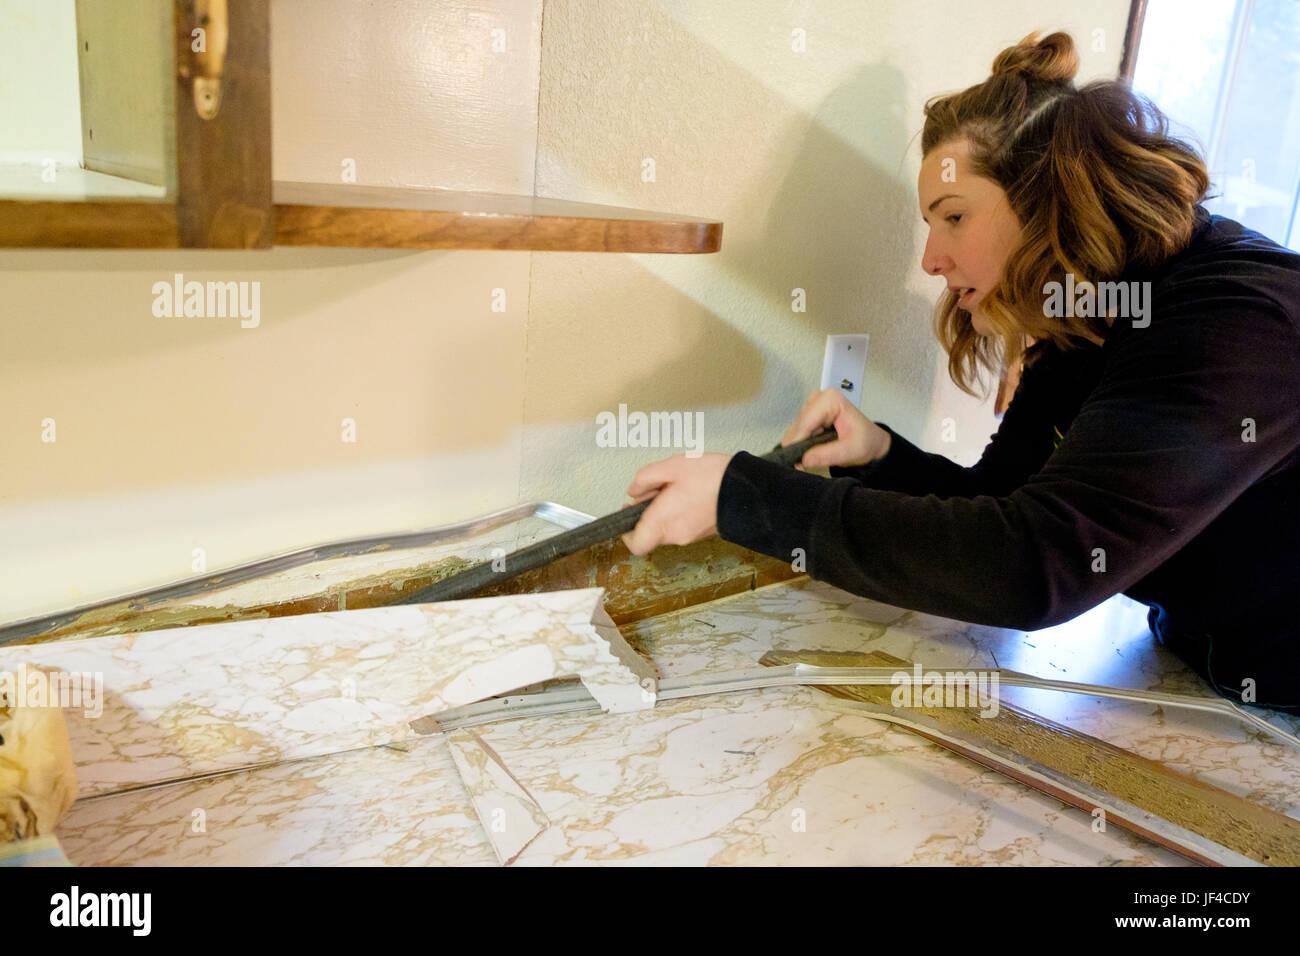 Weibliche Hausbesitzer Arbeiten Mit Einer Brechstange Wahrend